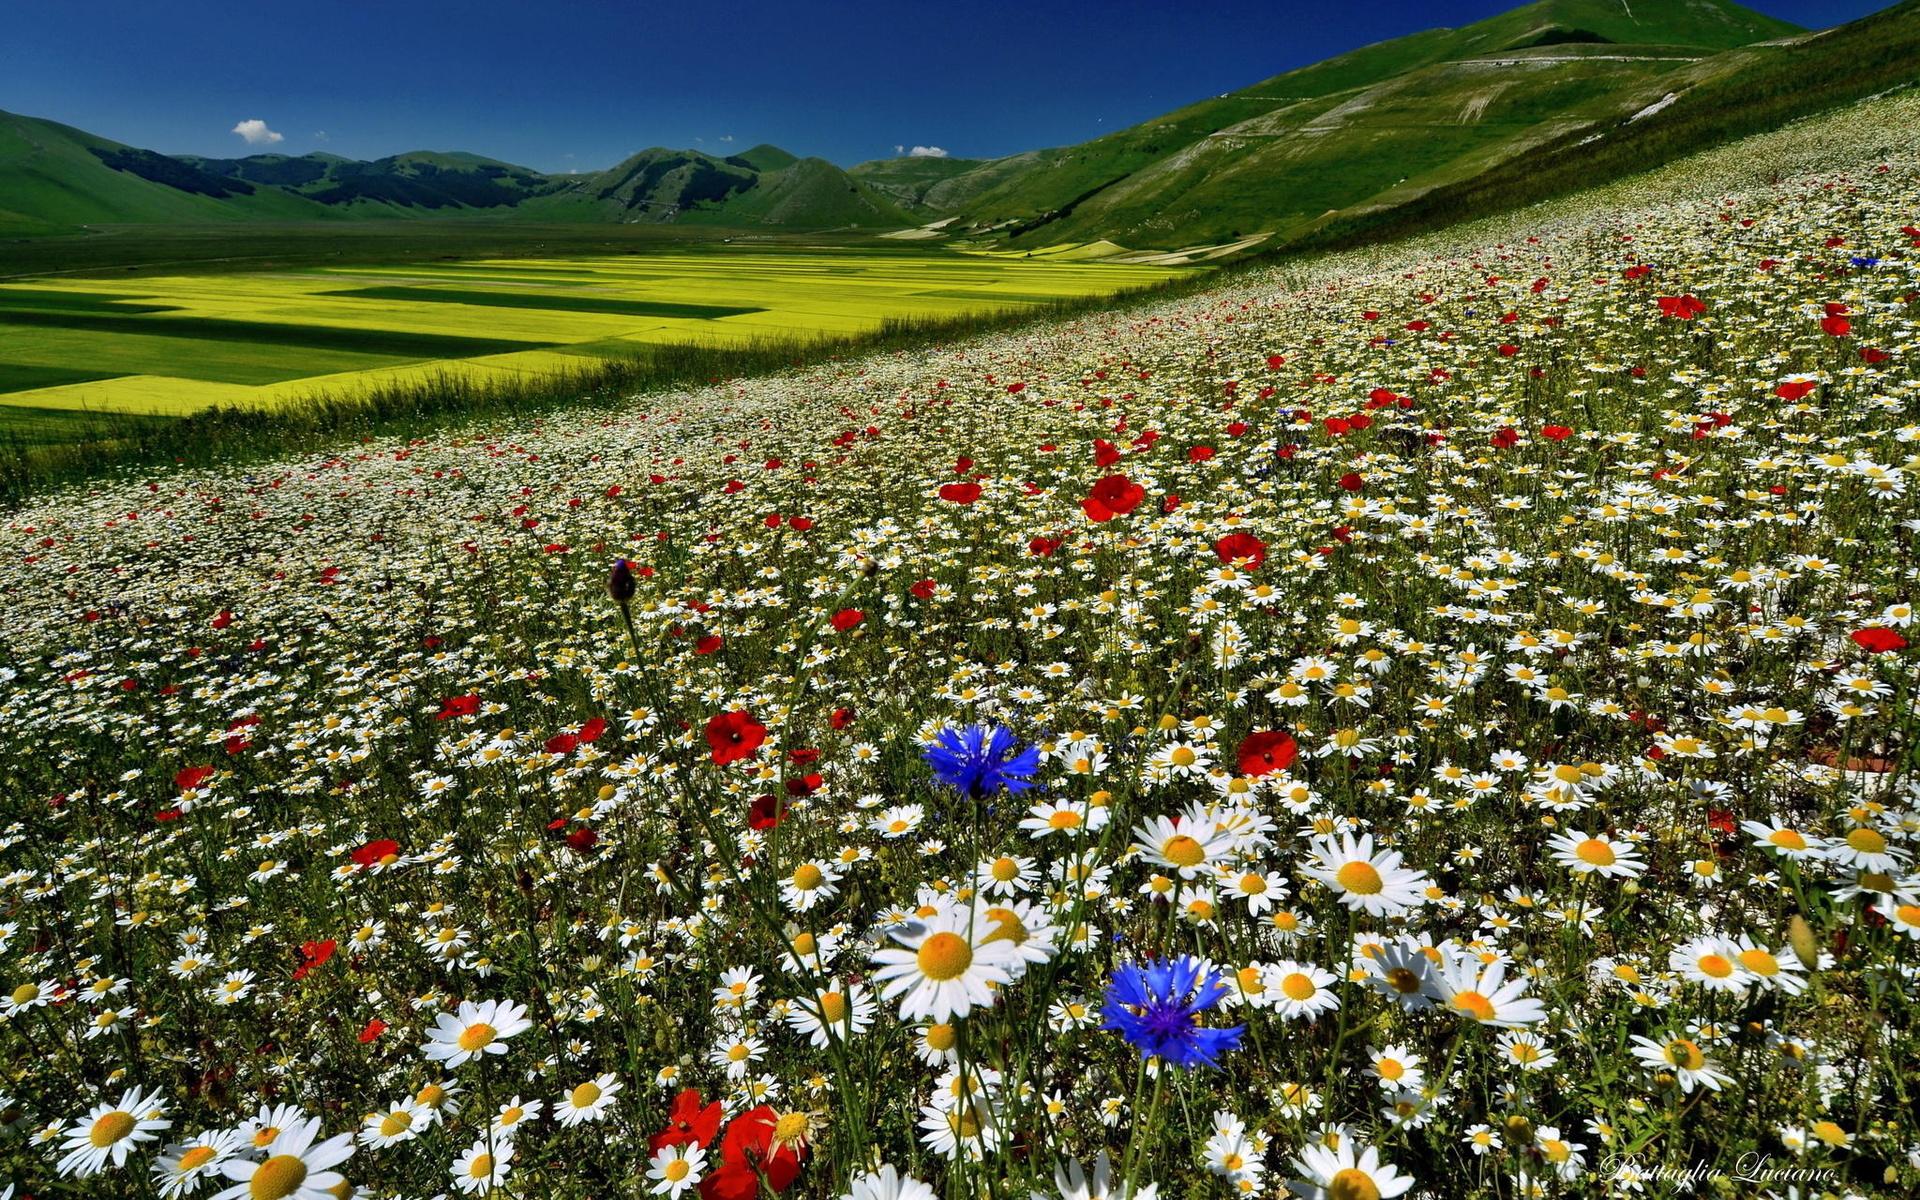 если красивые картинки полей с цветами лучше